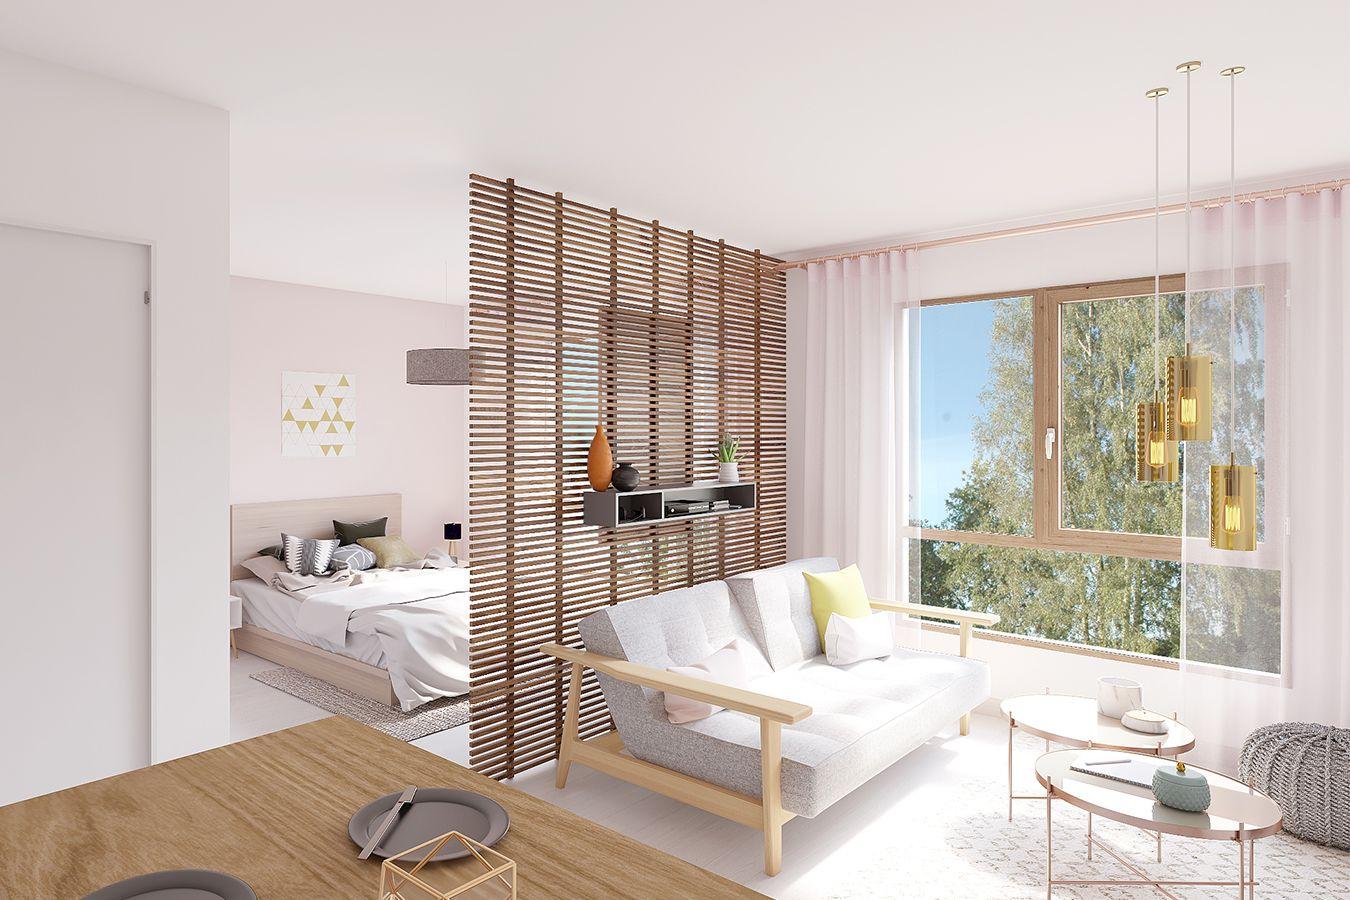 comment agrandir une pi ce sans casser les murs d co. Black Bedroom Furniture Sets. Home Design Ideas